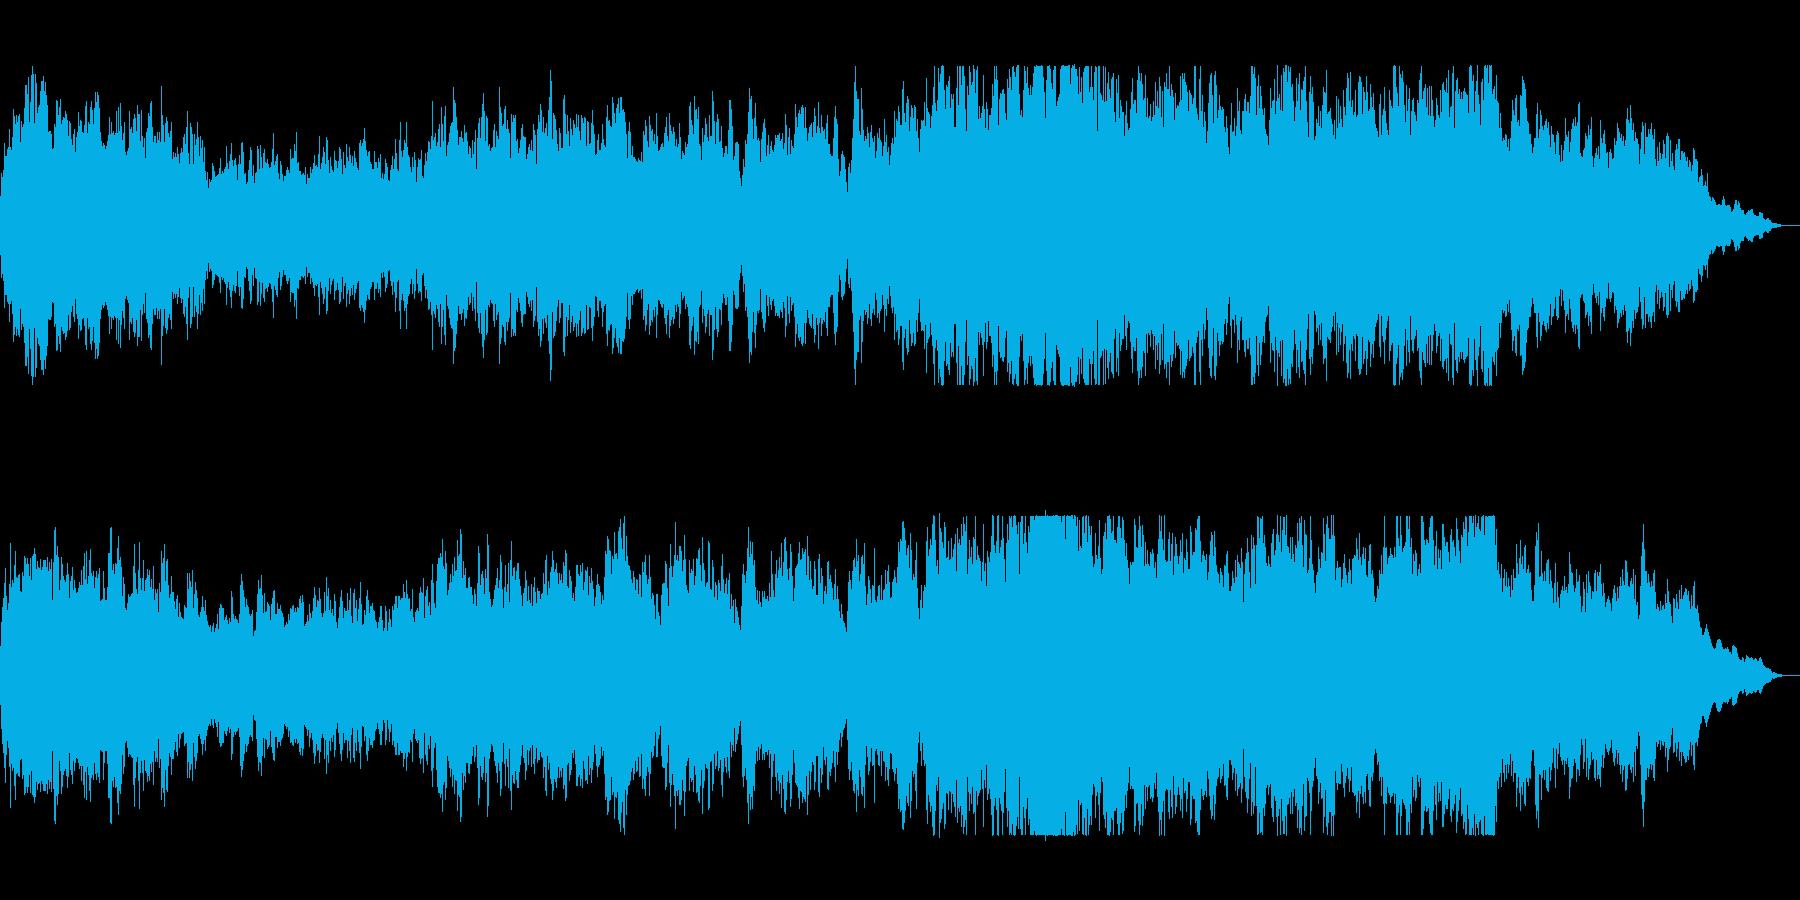 壮大で豪華なシンセサイザーサウンドの再生済みの波形